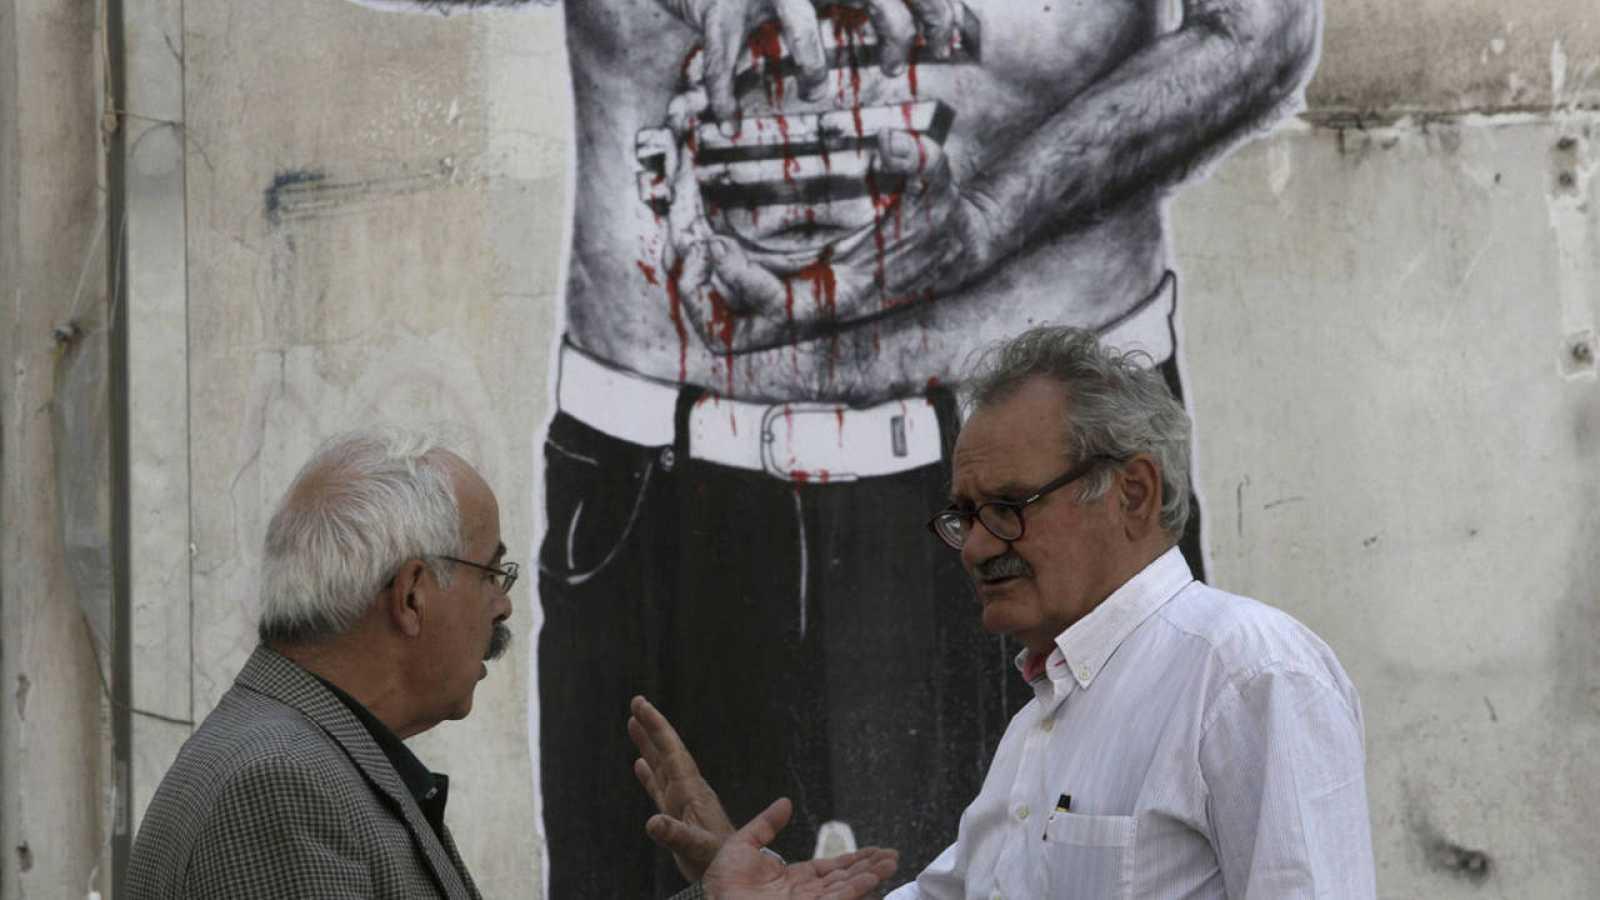 Dos hombres conversan en Atenas, delante de un graffiti que muestra un hombre que sujeta un símbolo del euro ensangrentado